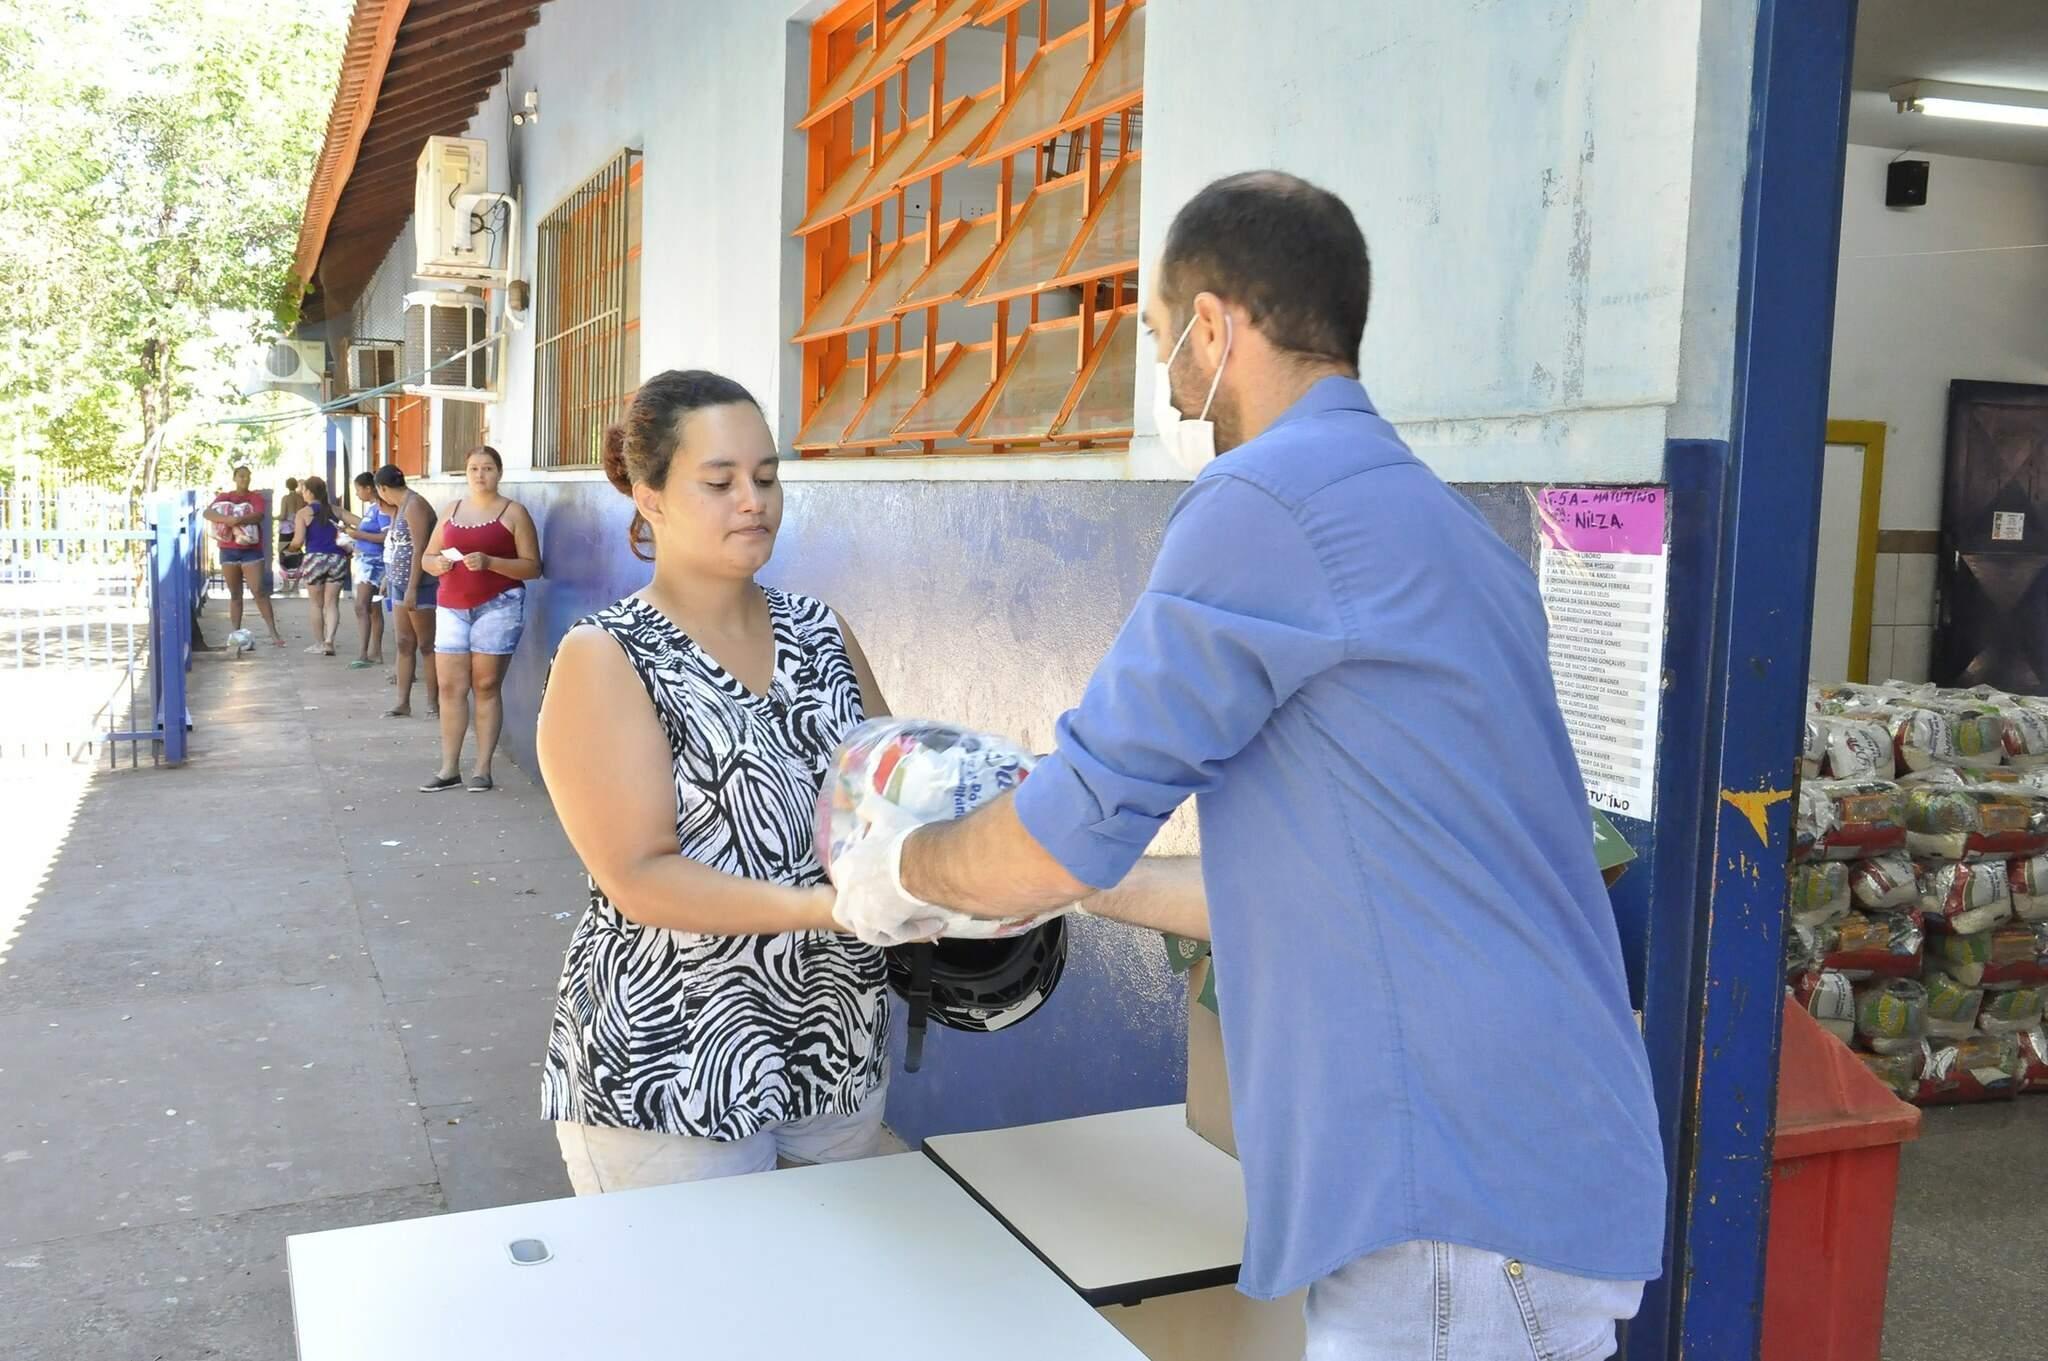 Mãe de aluno recebe kit para alimentar filho enquanto escola estiver fechada (Foto: PMCG/Divulgação)